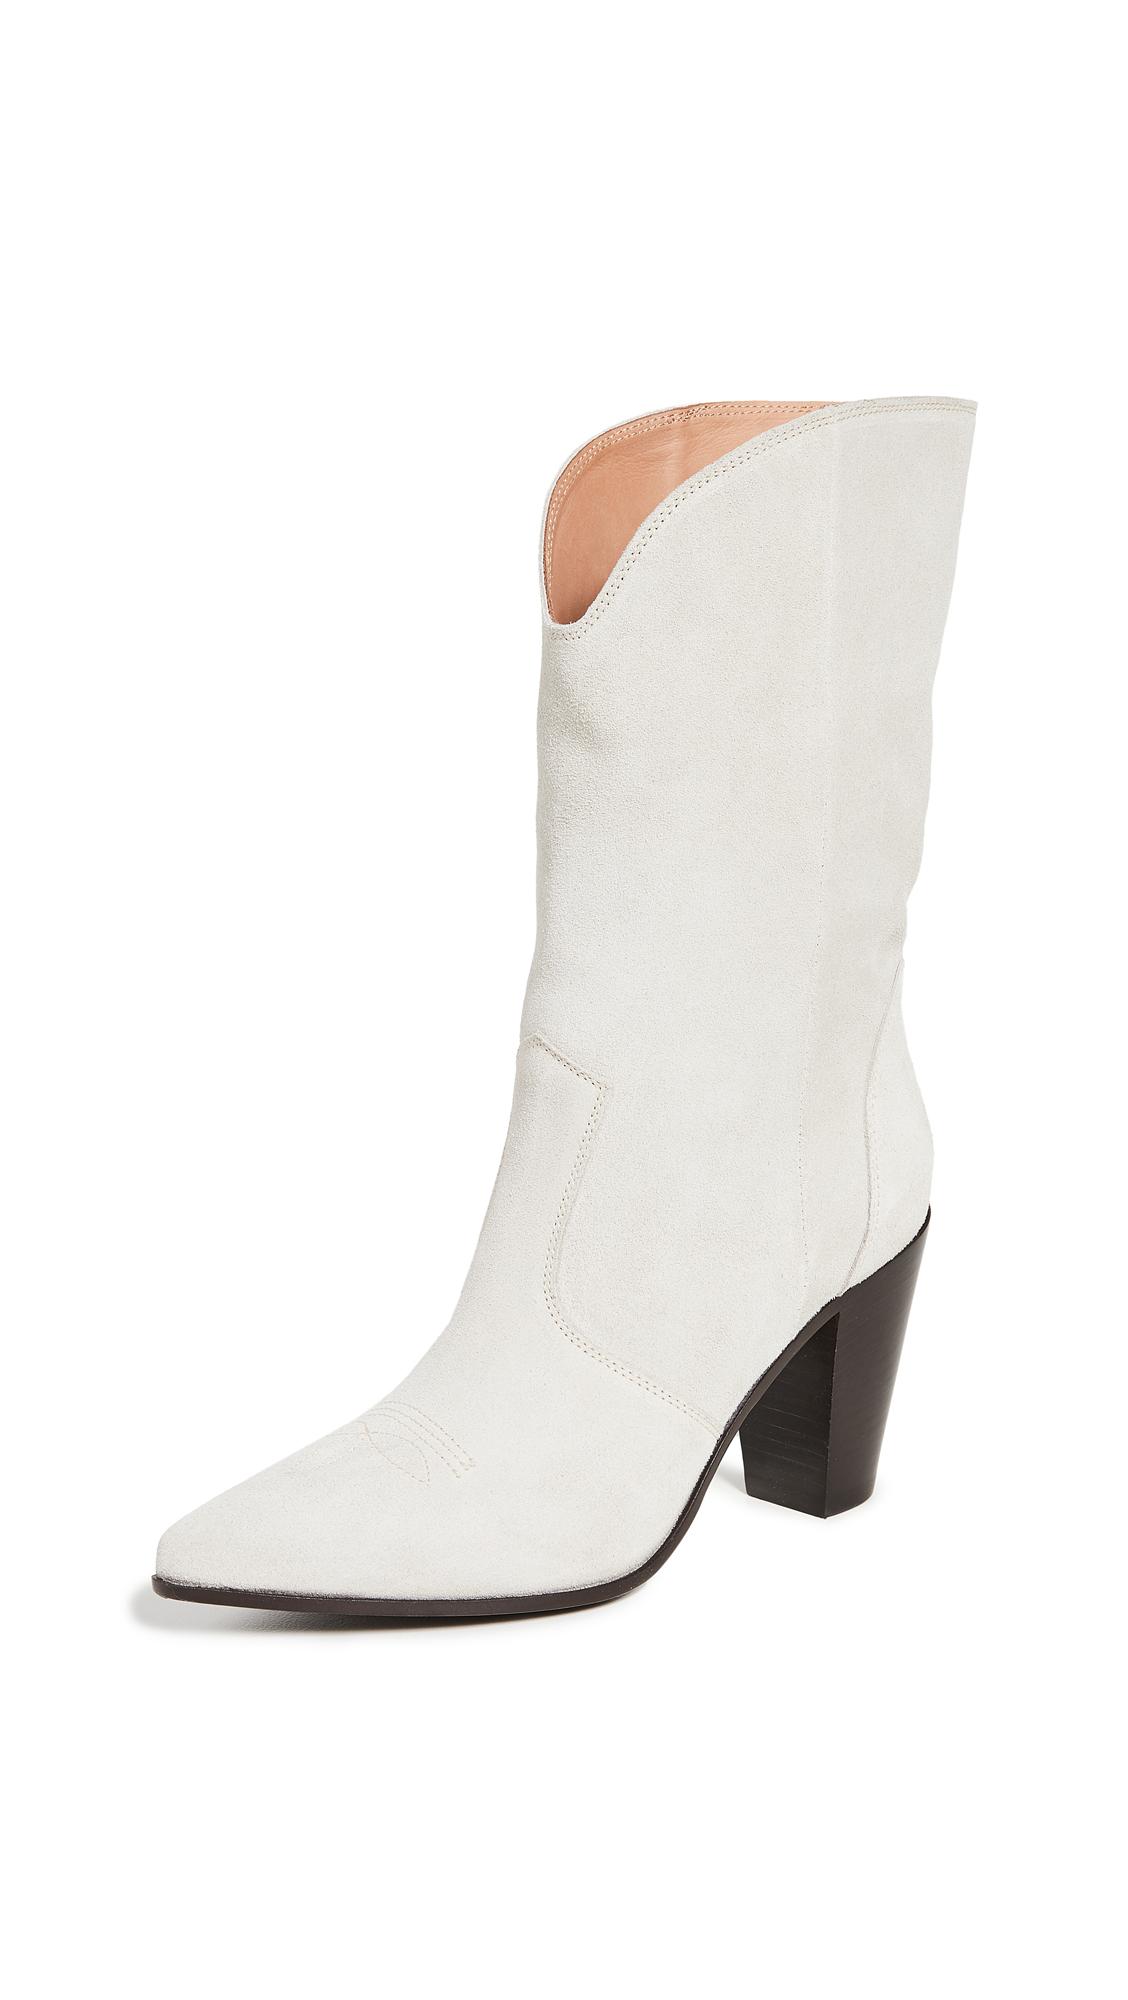 Buy Golden Goose Raphael Boots online, shop Golden Goose